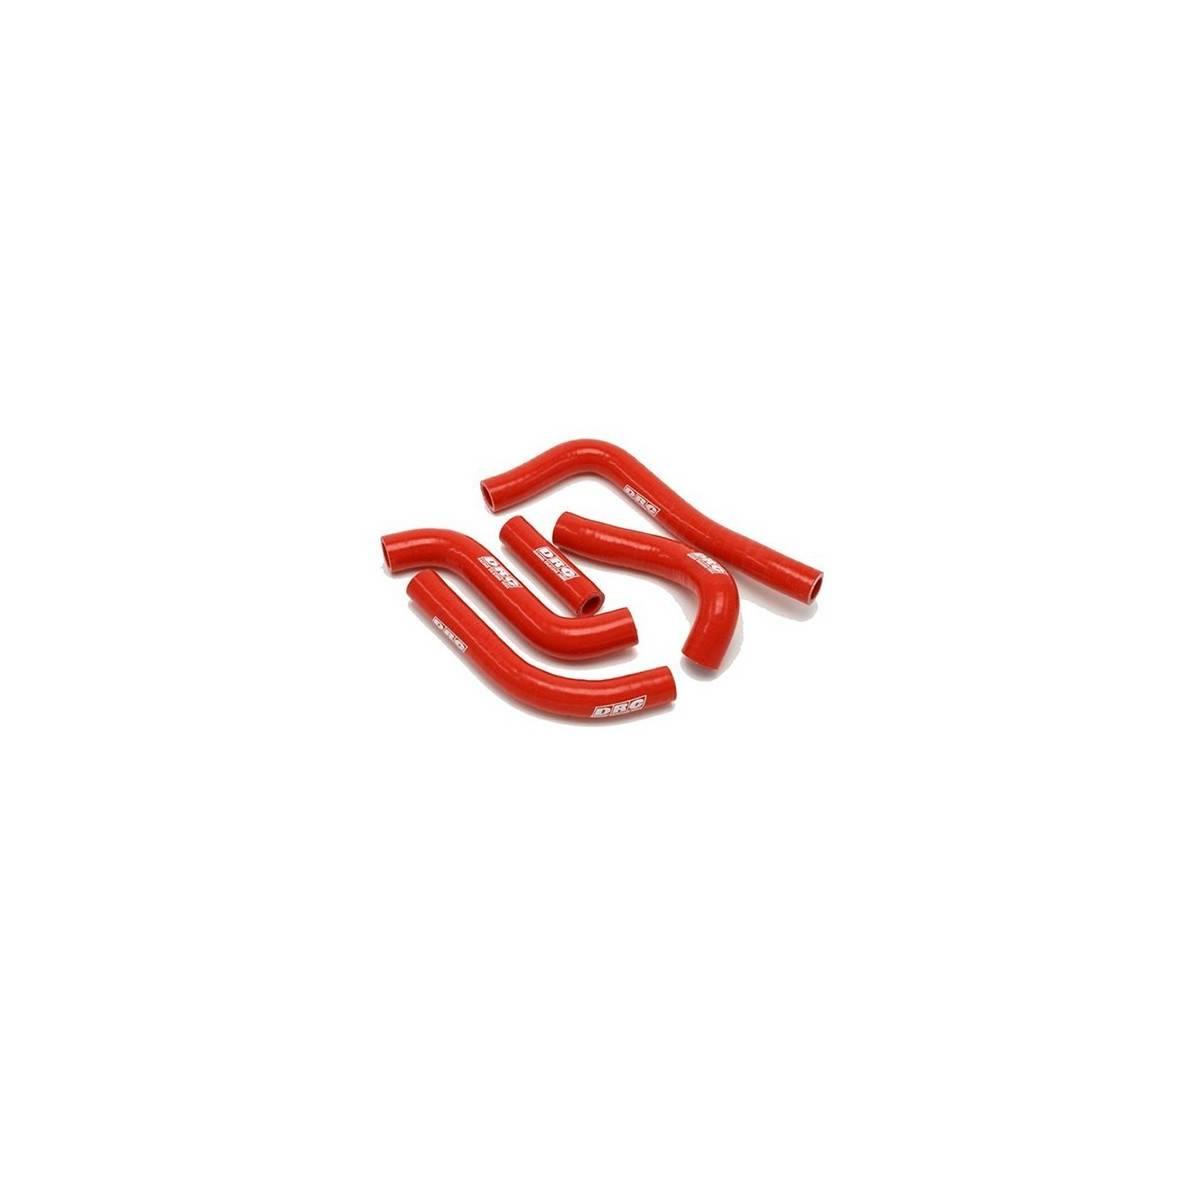 D47.01.453 - Kit Manguitos Radiador Suzuki Rmz250´10 Rojo